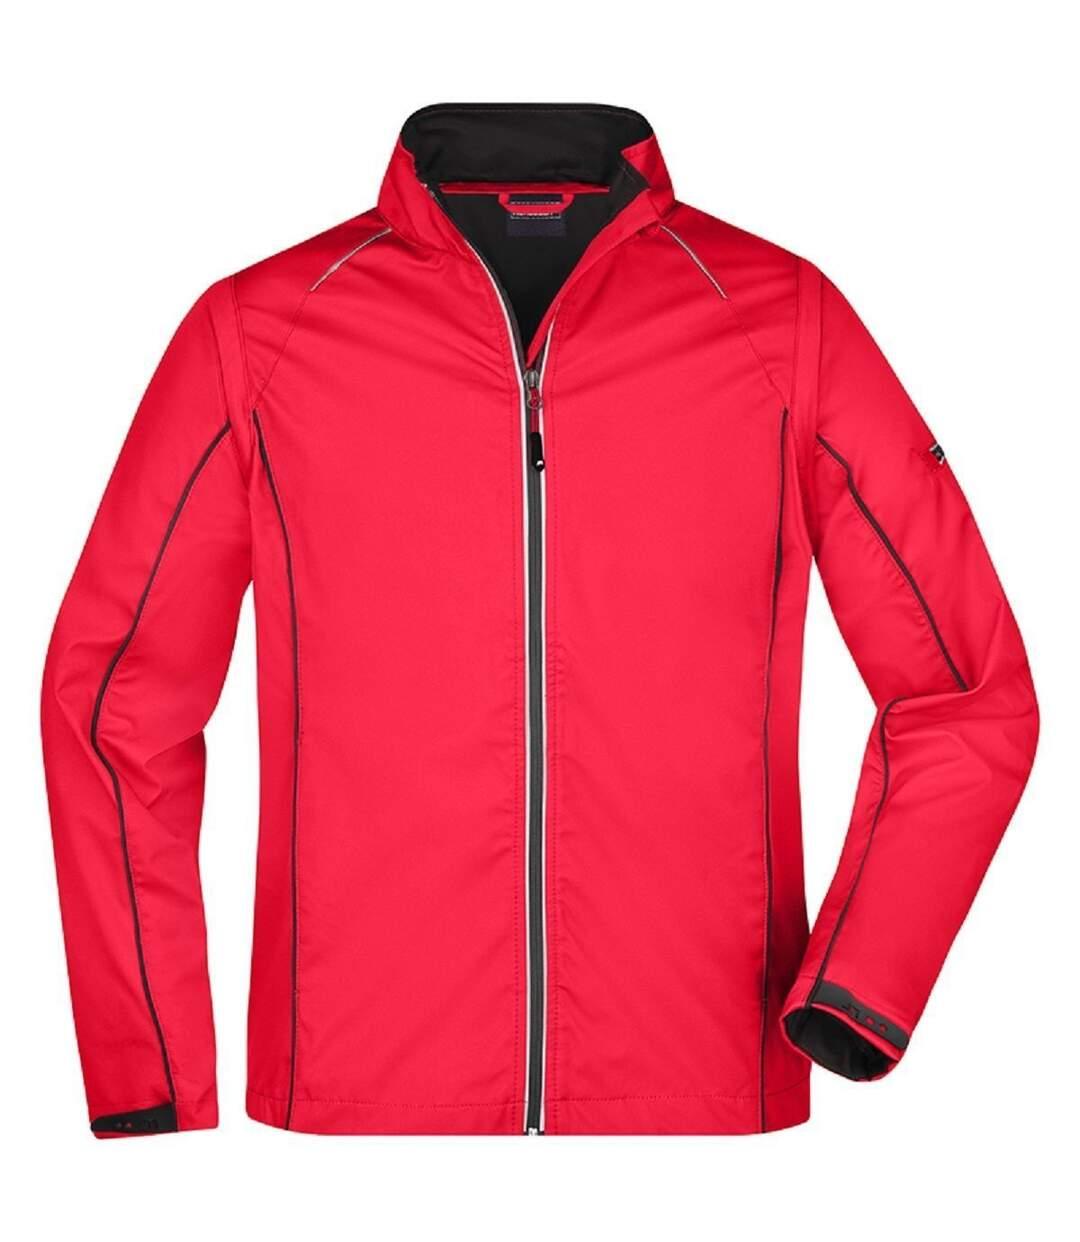 Veste softshell manches amovibles - homme - JN1122 - rouge et noir